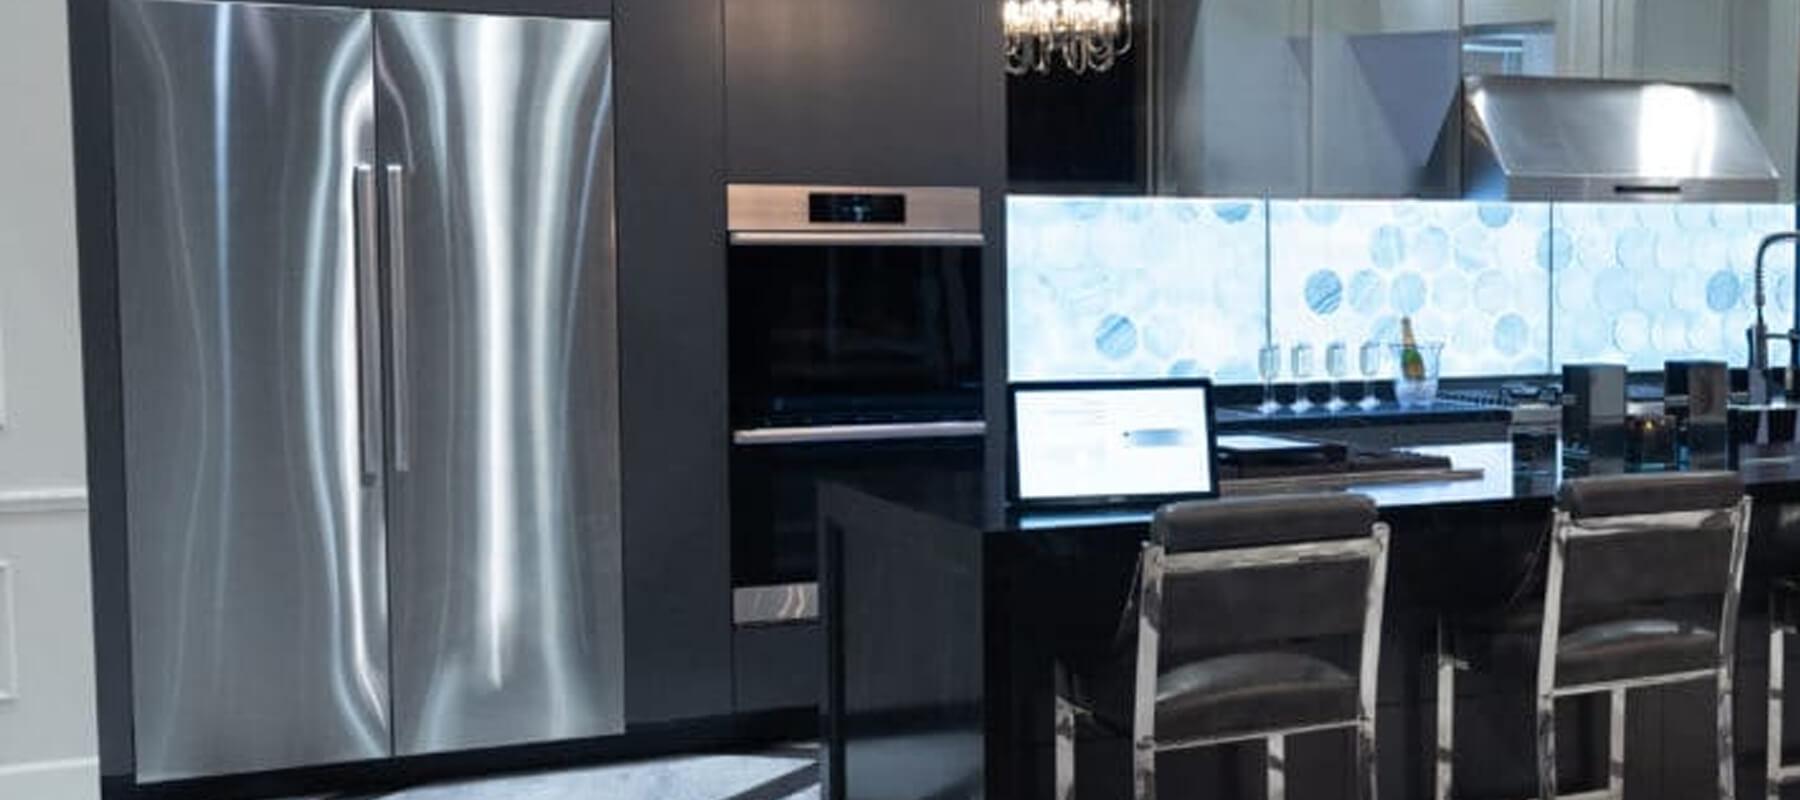 Dacor Refrigerator Repair Service   Built-in Refrigerator Repair